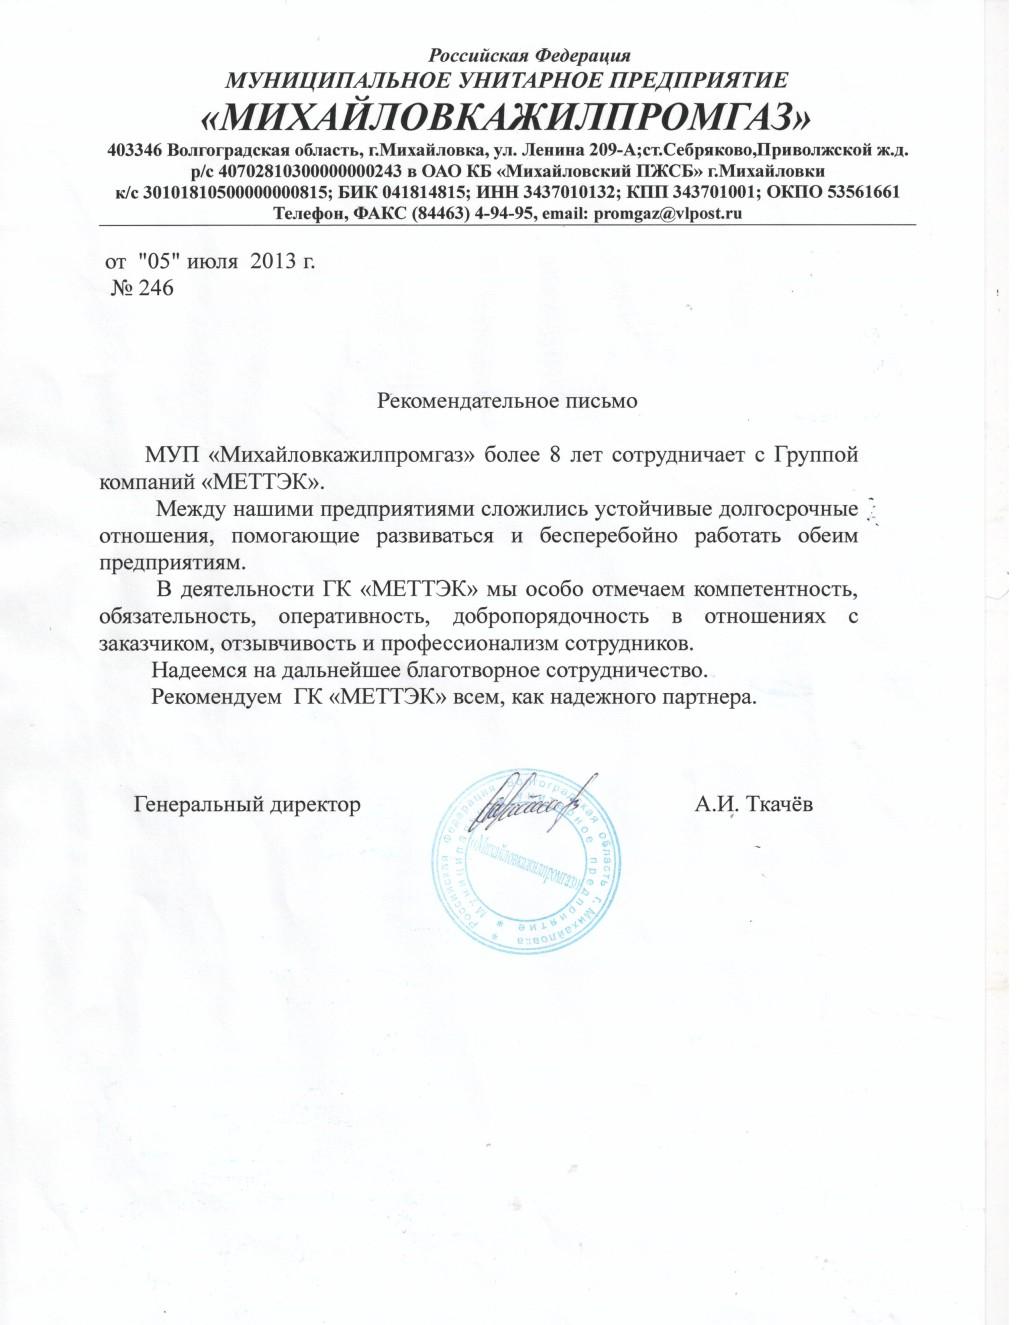 """МУП """"Михайловожилпромгаз"""""""